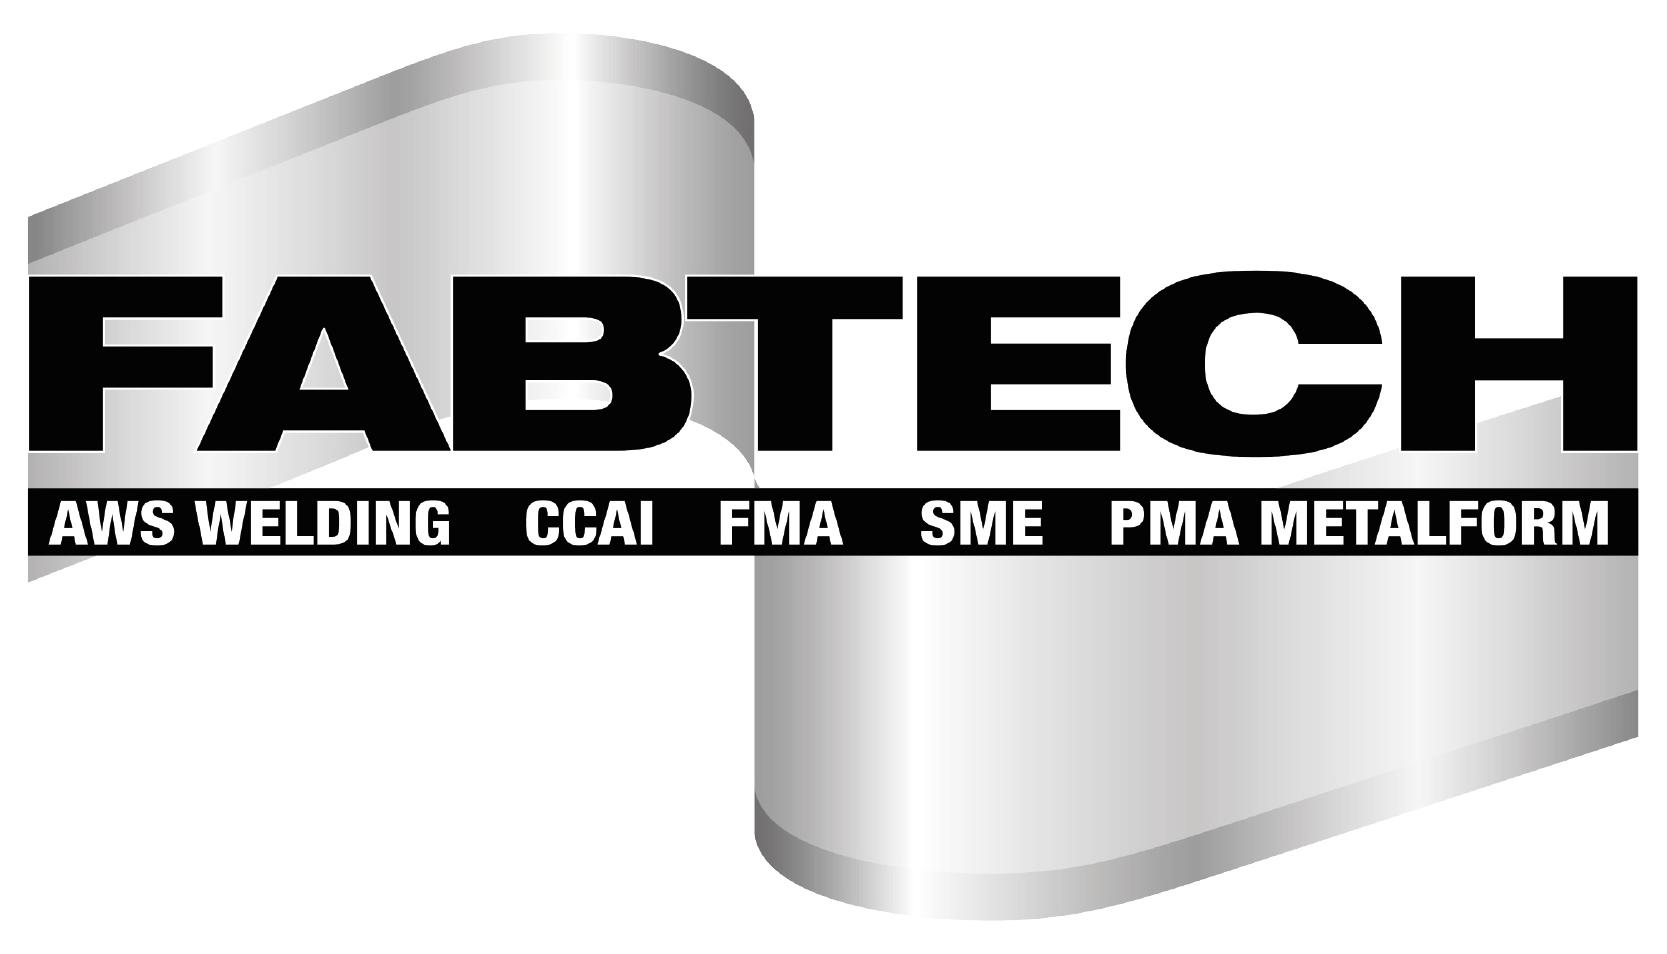 Los desarrollos para la trasnformación metálica DANOBAT se expondrán del 5 al 7 de mayo en la feria FABTECH 2015 en Monterrey, México